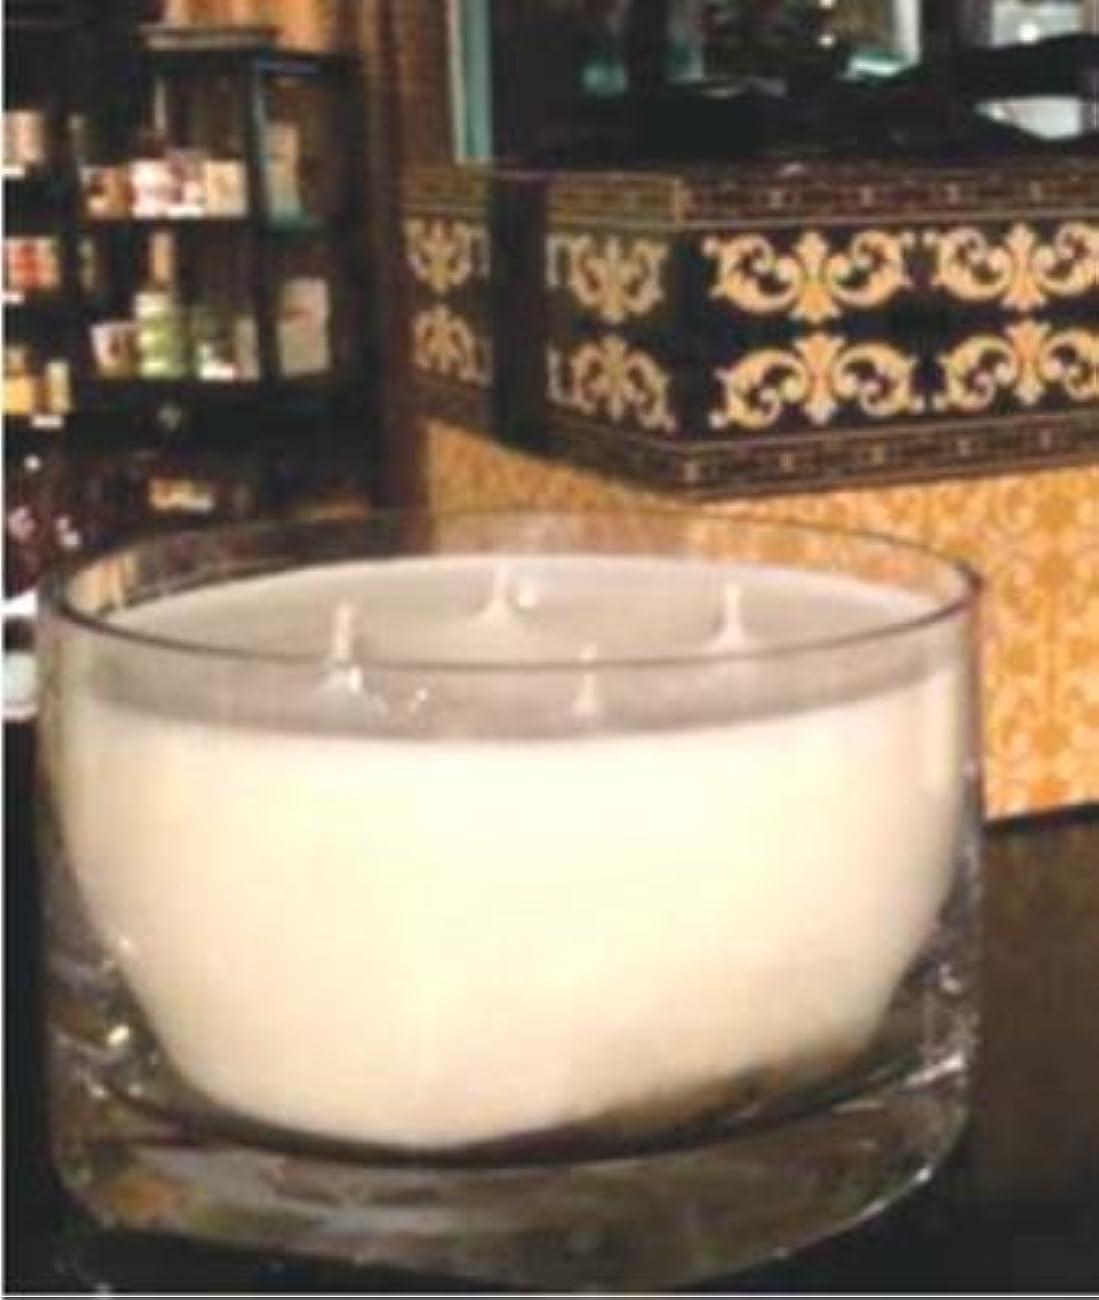 ゆるく有罪不快なアップルサイダー – Exclusive Tyler 40 oz 4-wick香りつきJar Candle